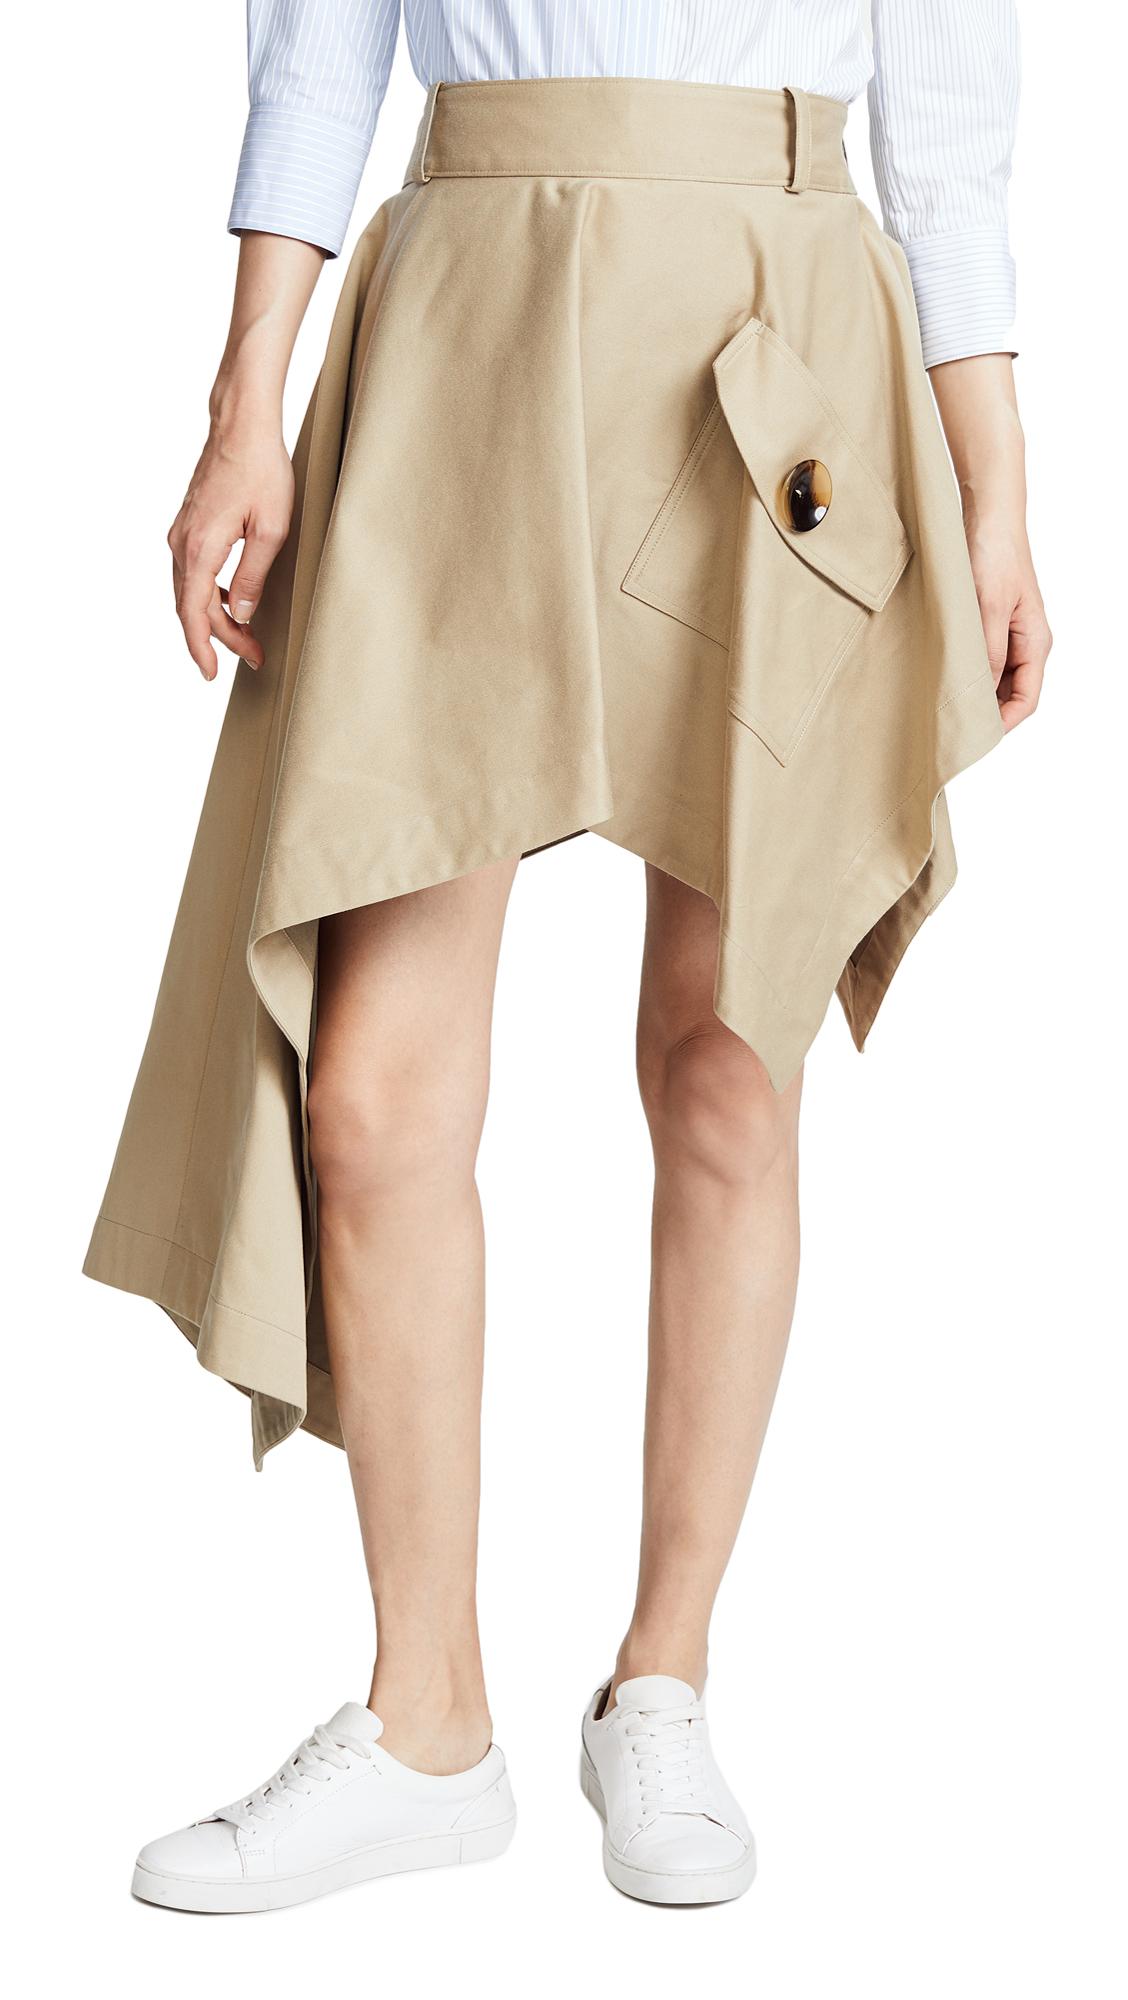 Monse Asymmetrical Skirt with Pocket In Khaki